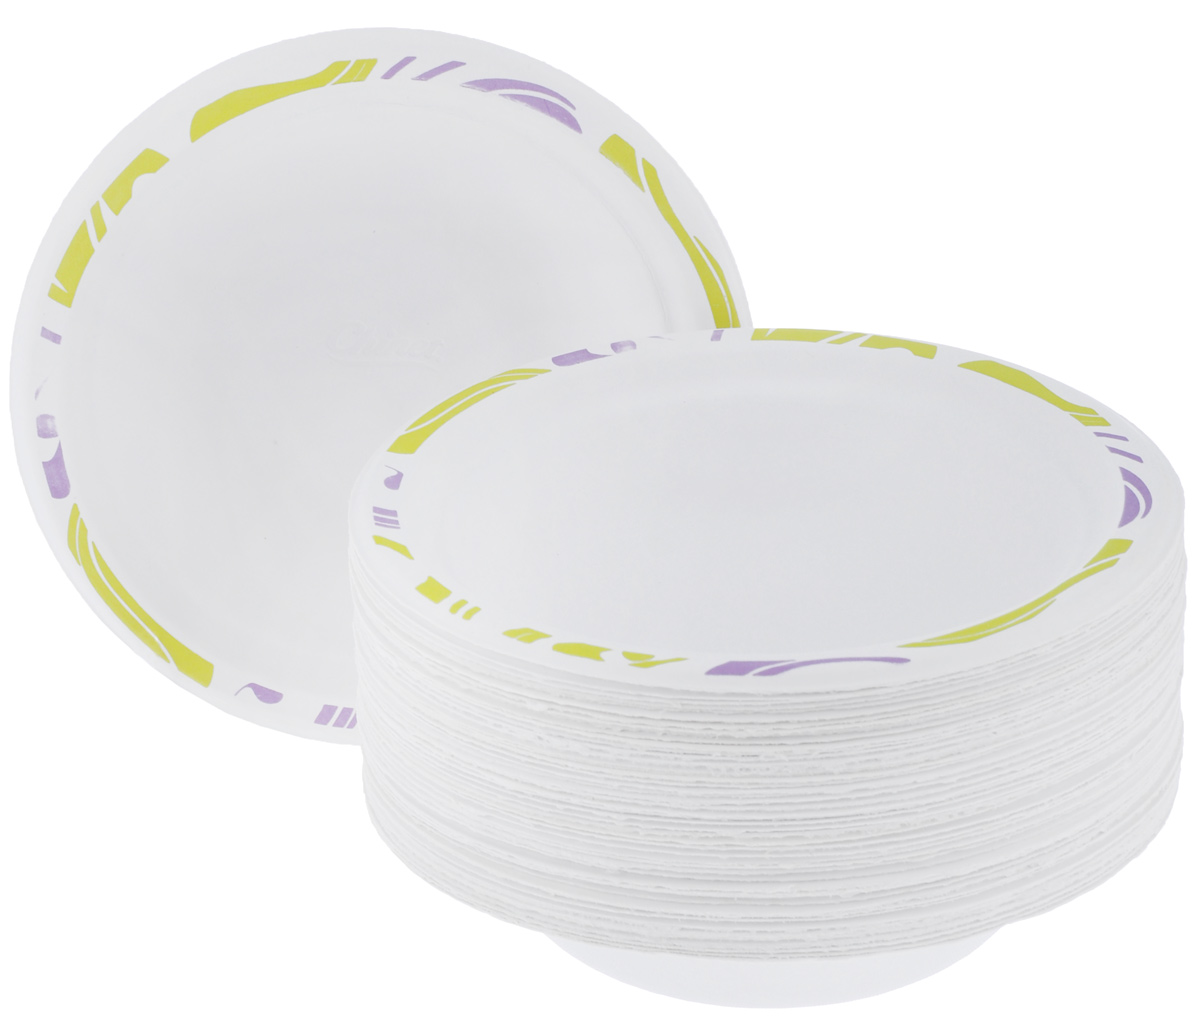 Набор одноразовых тарелок Chinet Flavour, цвет: белый, светло-зеленый, диаметр 18 см, 50 шт709Набор Chinet Flavour состоит из 50 круглых тарелок, выполненных из плотной бумаги и предназначенных для одноразового использования. Изделия декорированы оригинальным узором. Одноразовые тарелки будут незаменимы при поездках на природу, пикниках и других мероприятиях. Они не займут много места, легки и самое главное - после использования их не надо мыть.Диаметр тарелки: 18 см.Высота тарелки: 1,5 см.